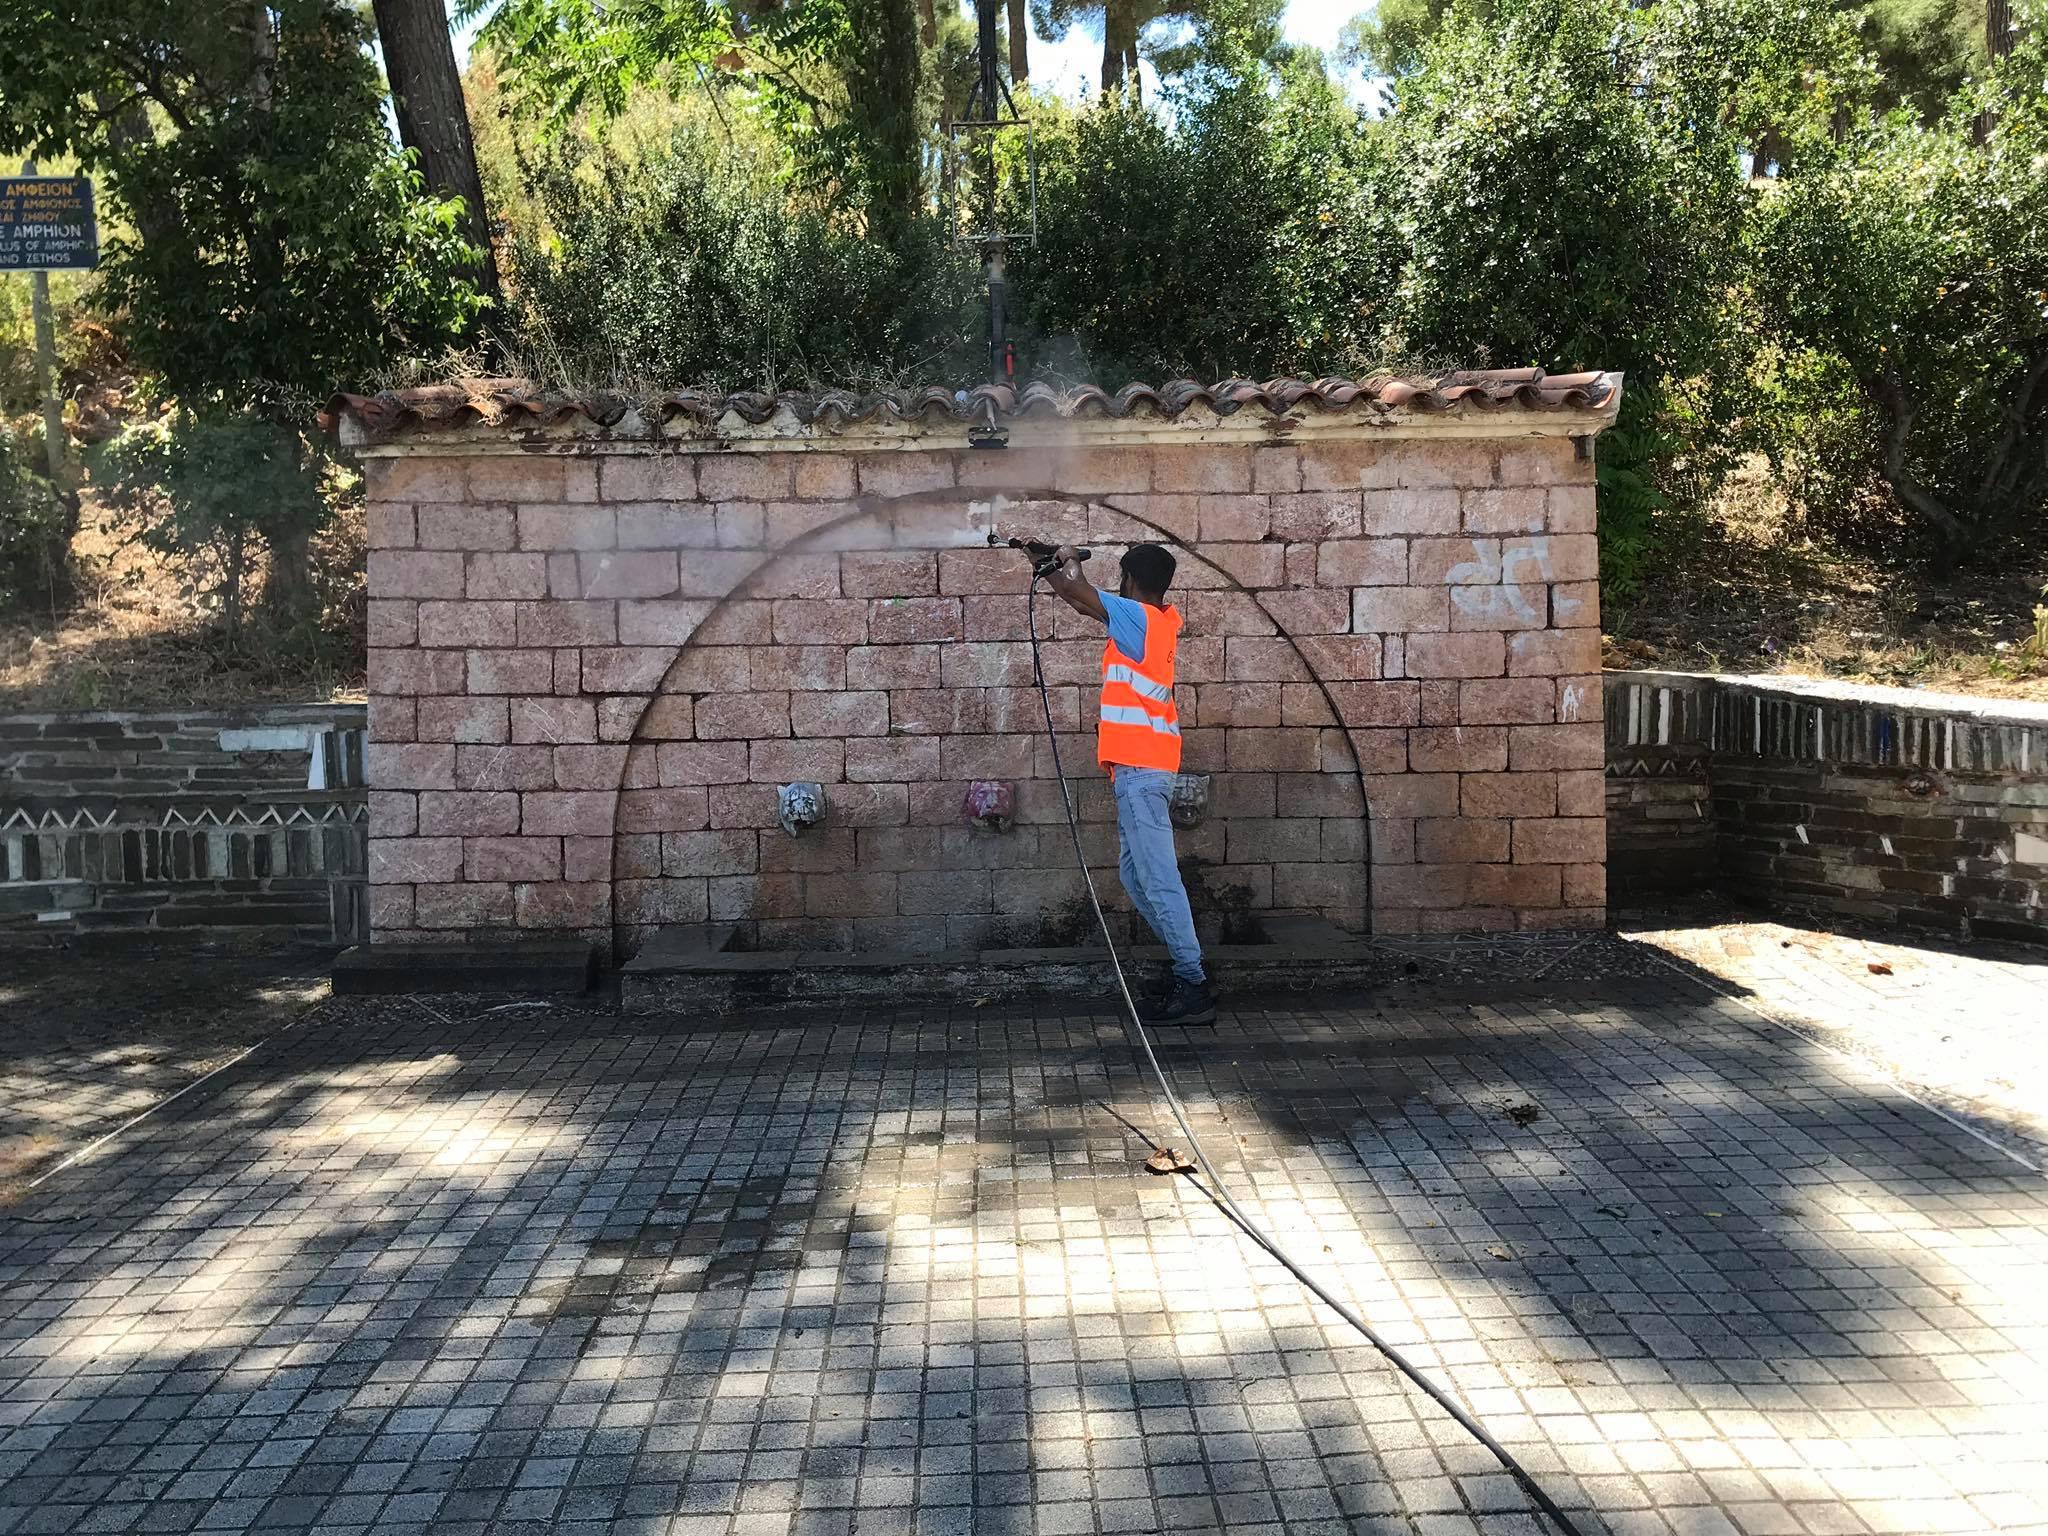 Δήμος Θηβαίων: Δράση «Αντιγκράφιτι» με το νέο μηχάνημα πλύσης ...